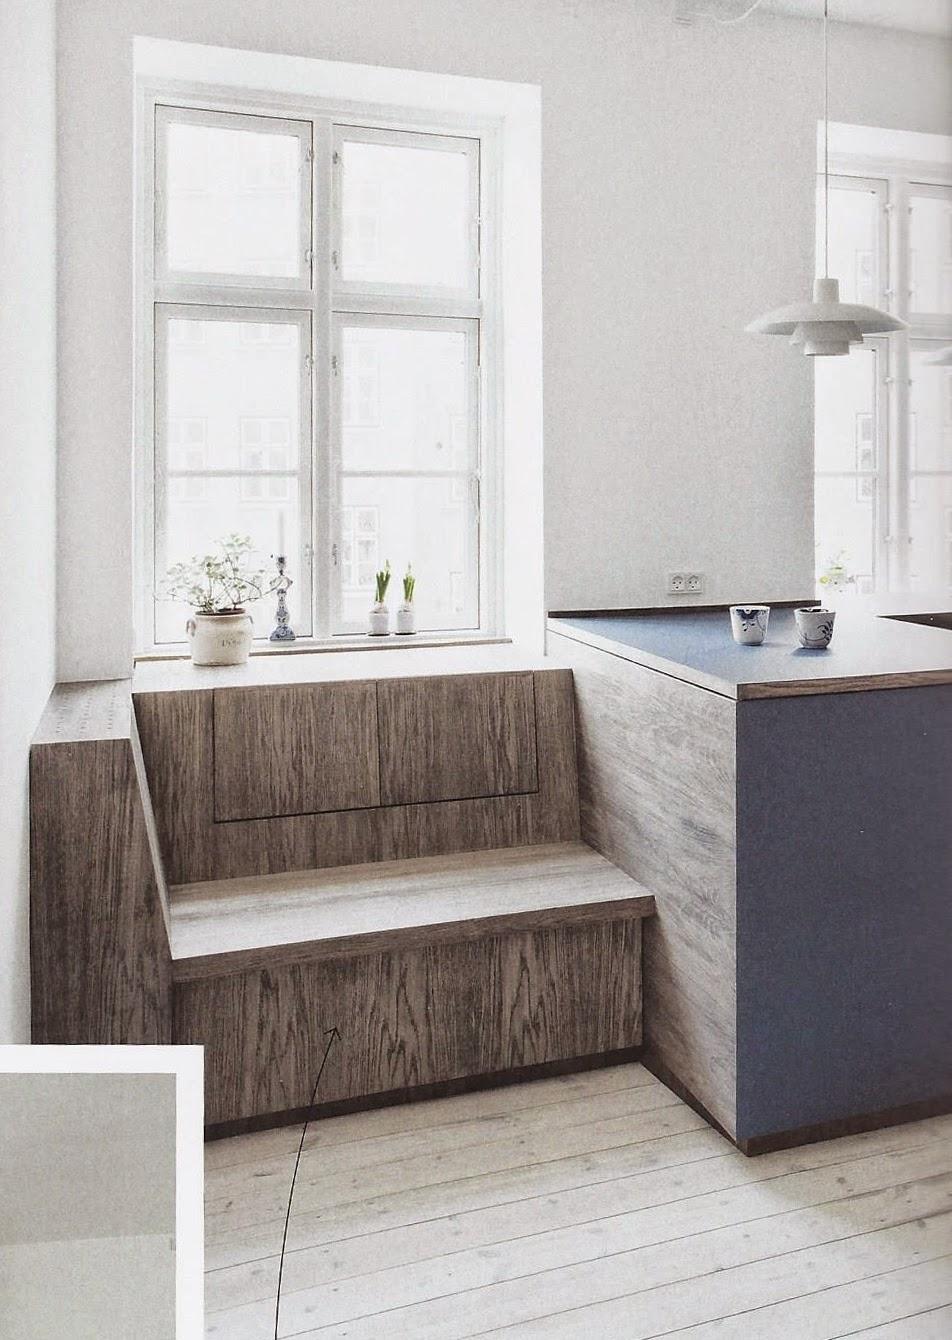 comment bien agencer sa cuisine. Black Bedroom Furniture Sets. Home Design Ideas